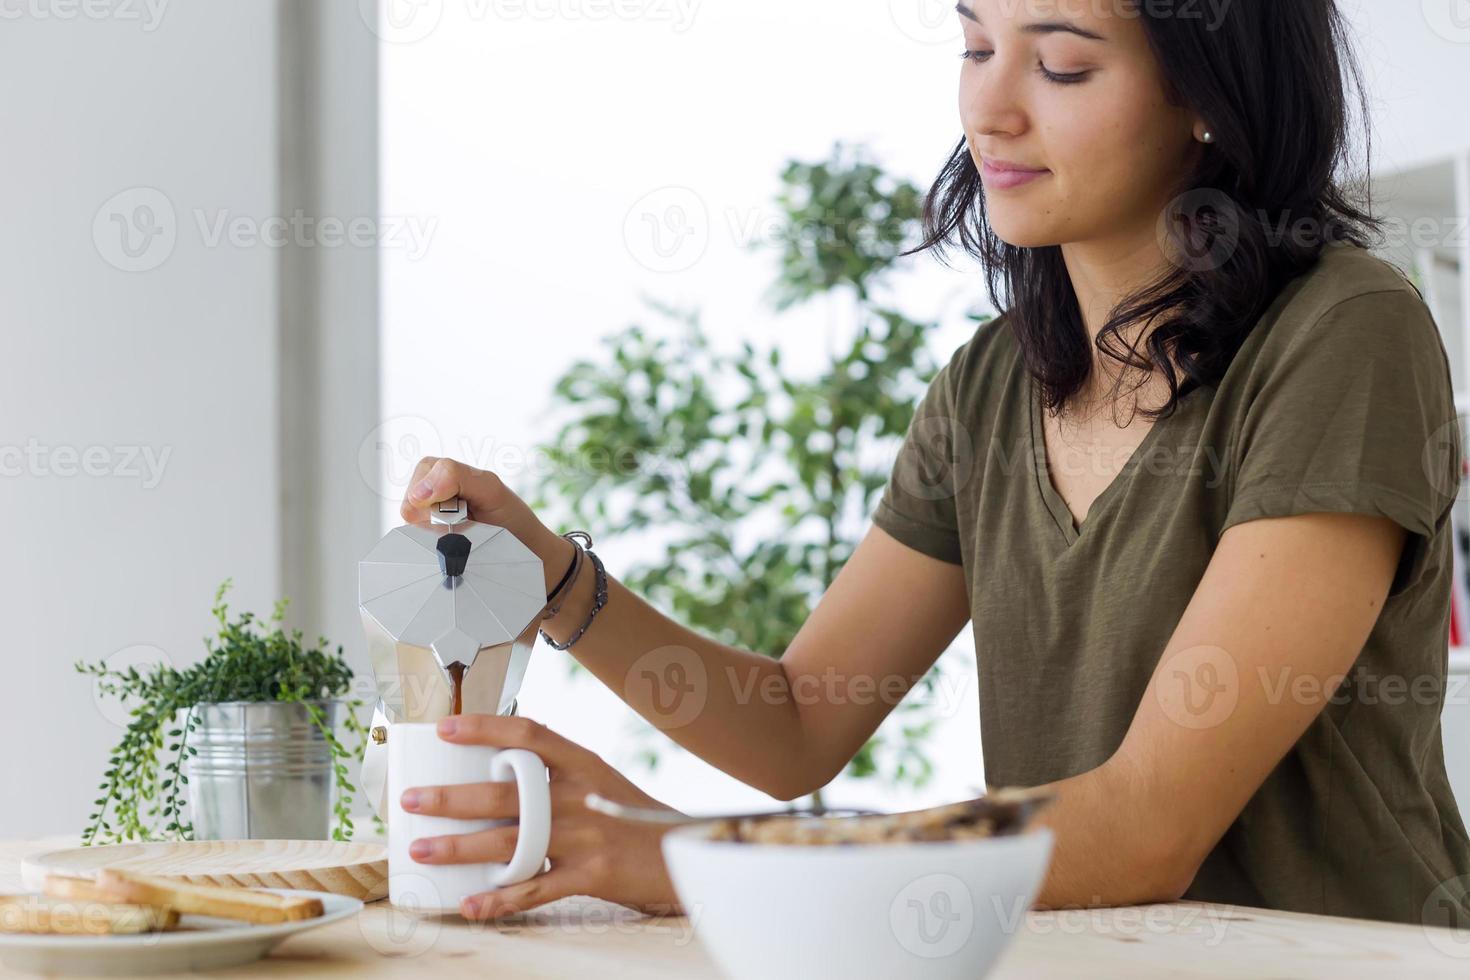 Hermosa joven disfrutando del desayuno en casa. foto